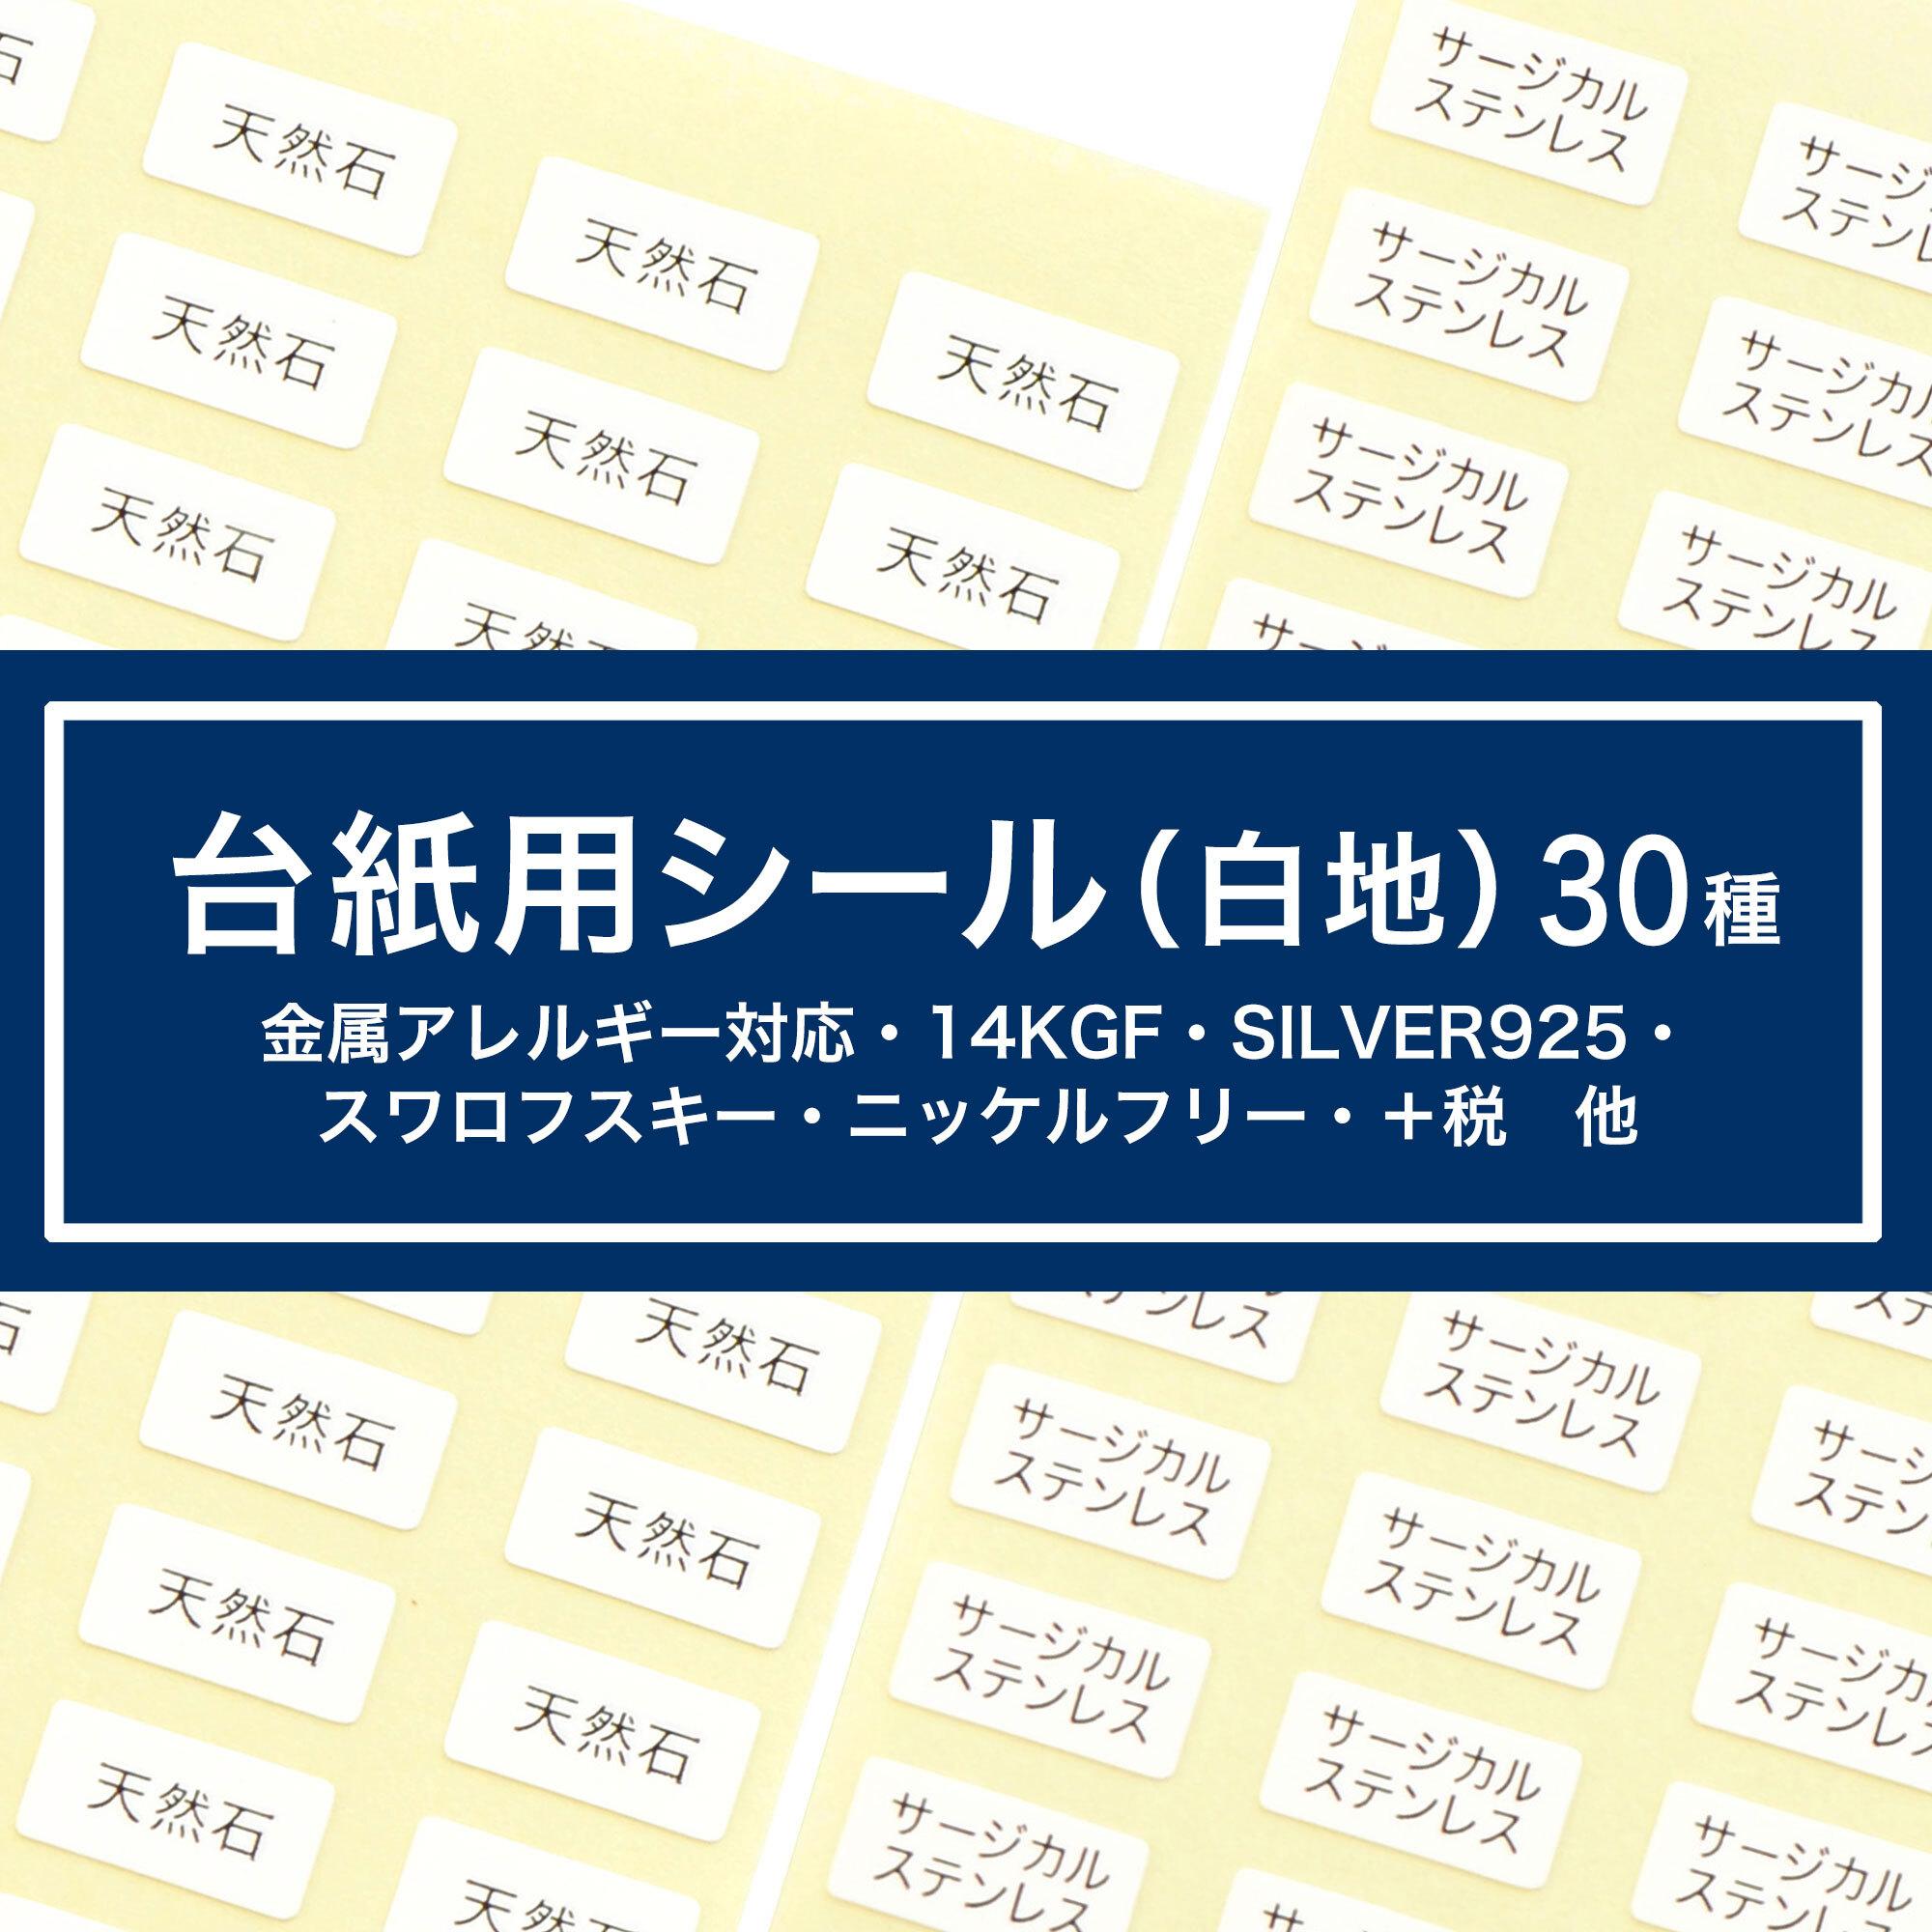 台紙用シール 白 計30種(白地×黒文字)5×10㎜  250枚 日本製